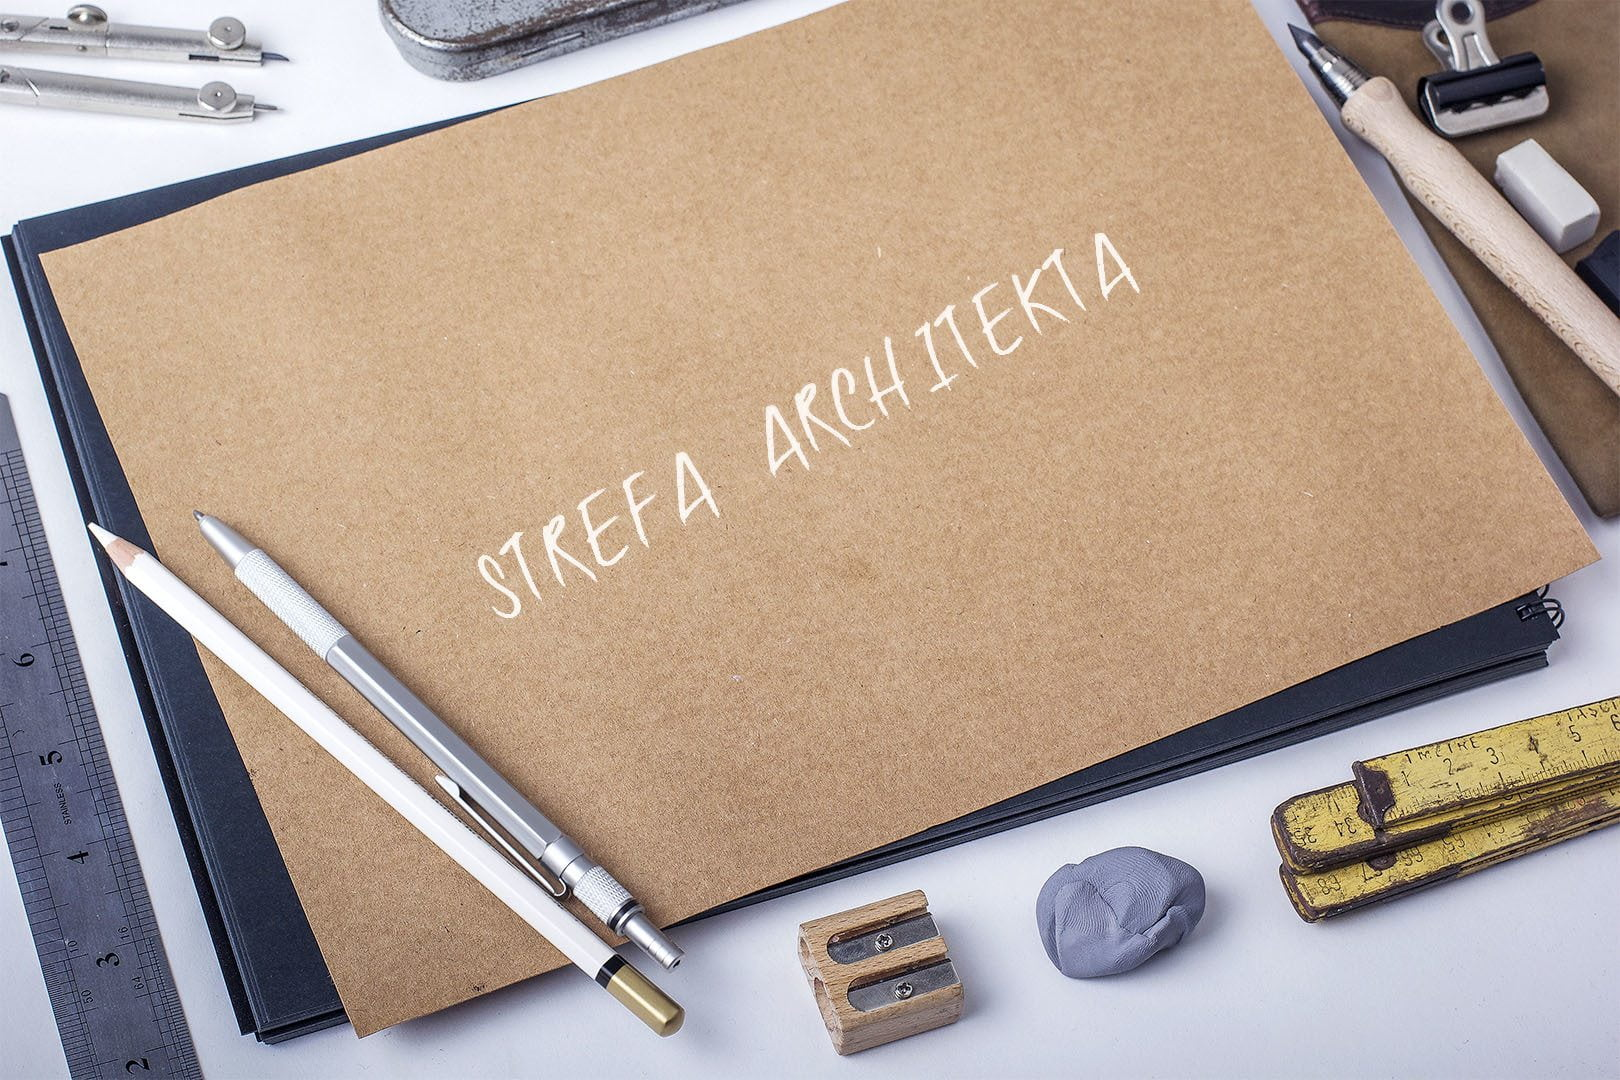 Strefa Architekta 1